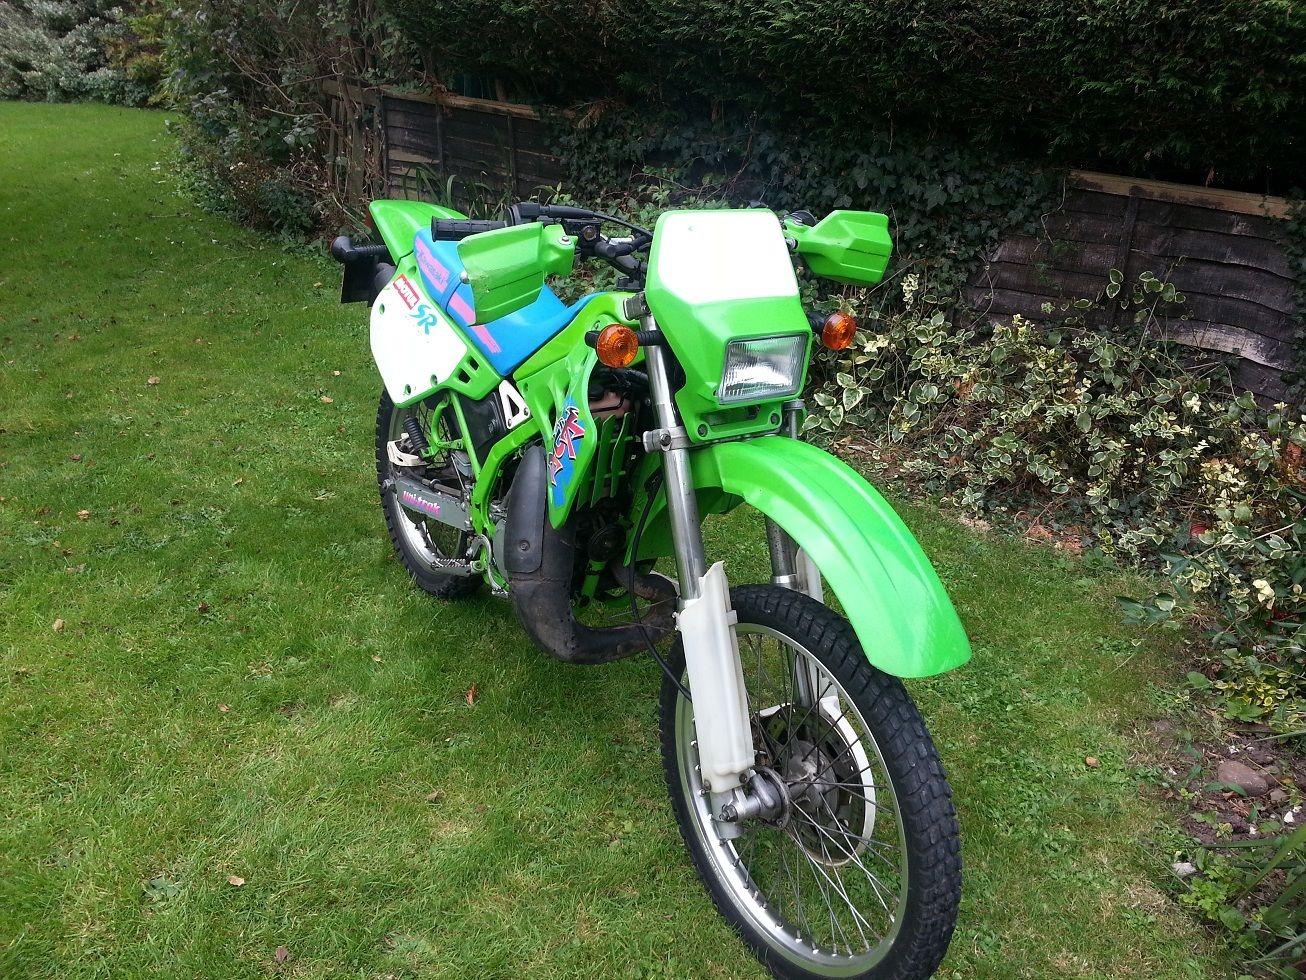 Kawasaki Kdx 125 B2 Sr Only 4195 Miles  Spares Or Repair  1993